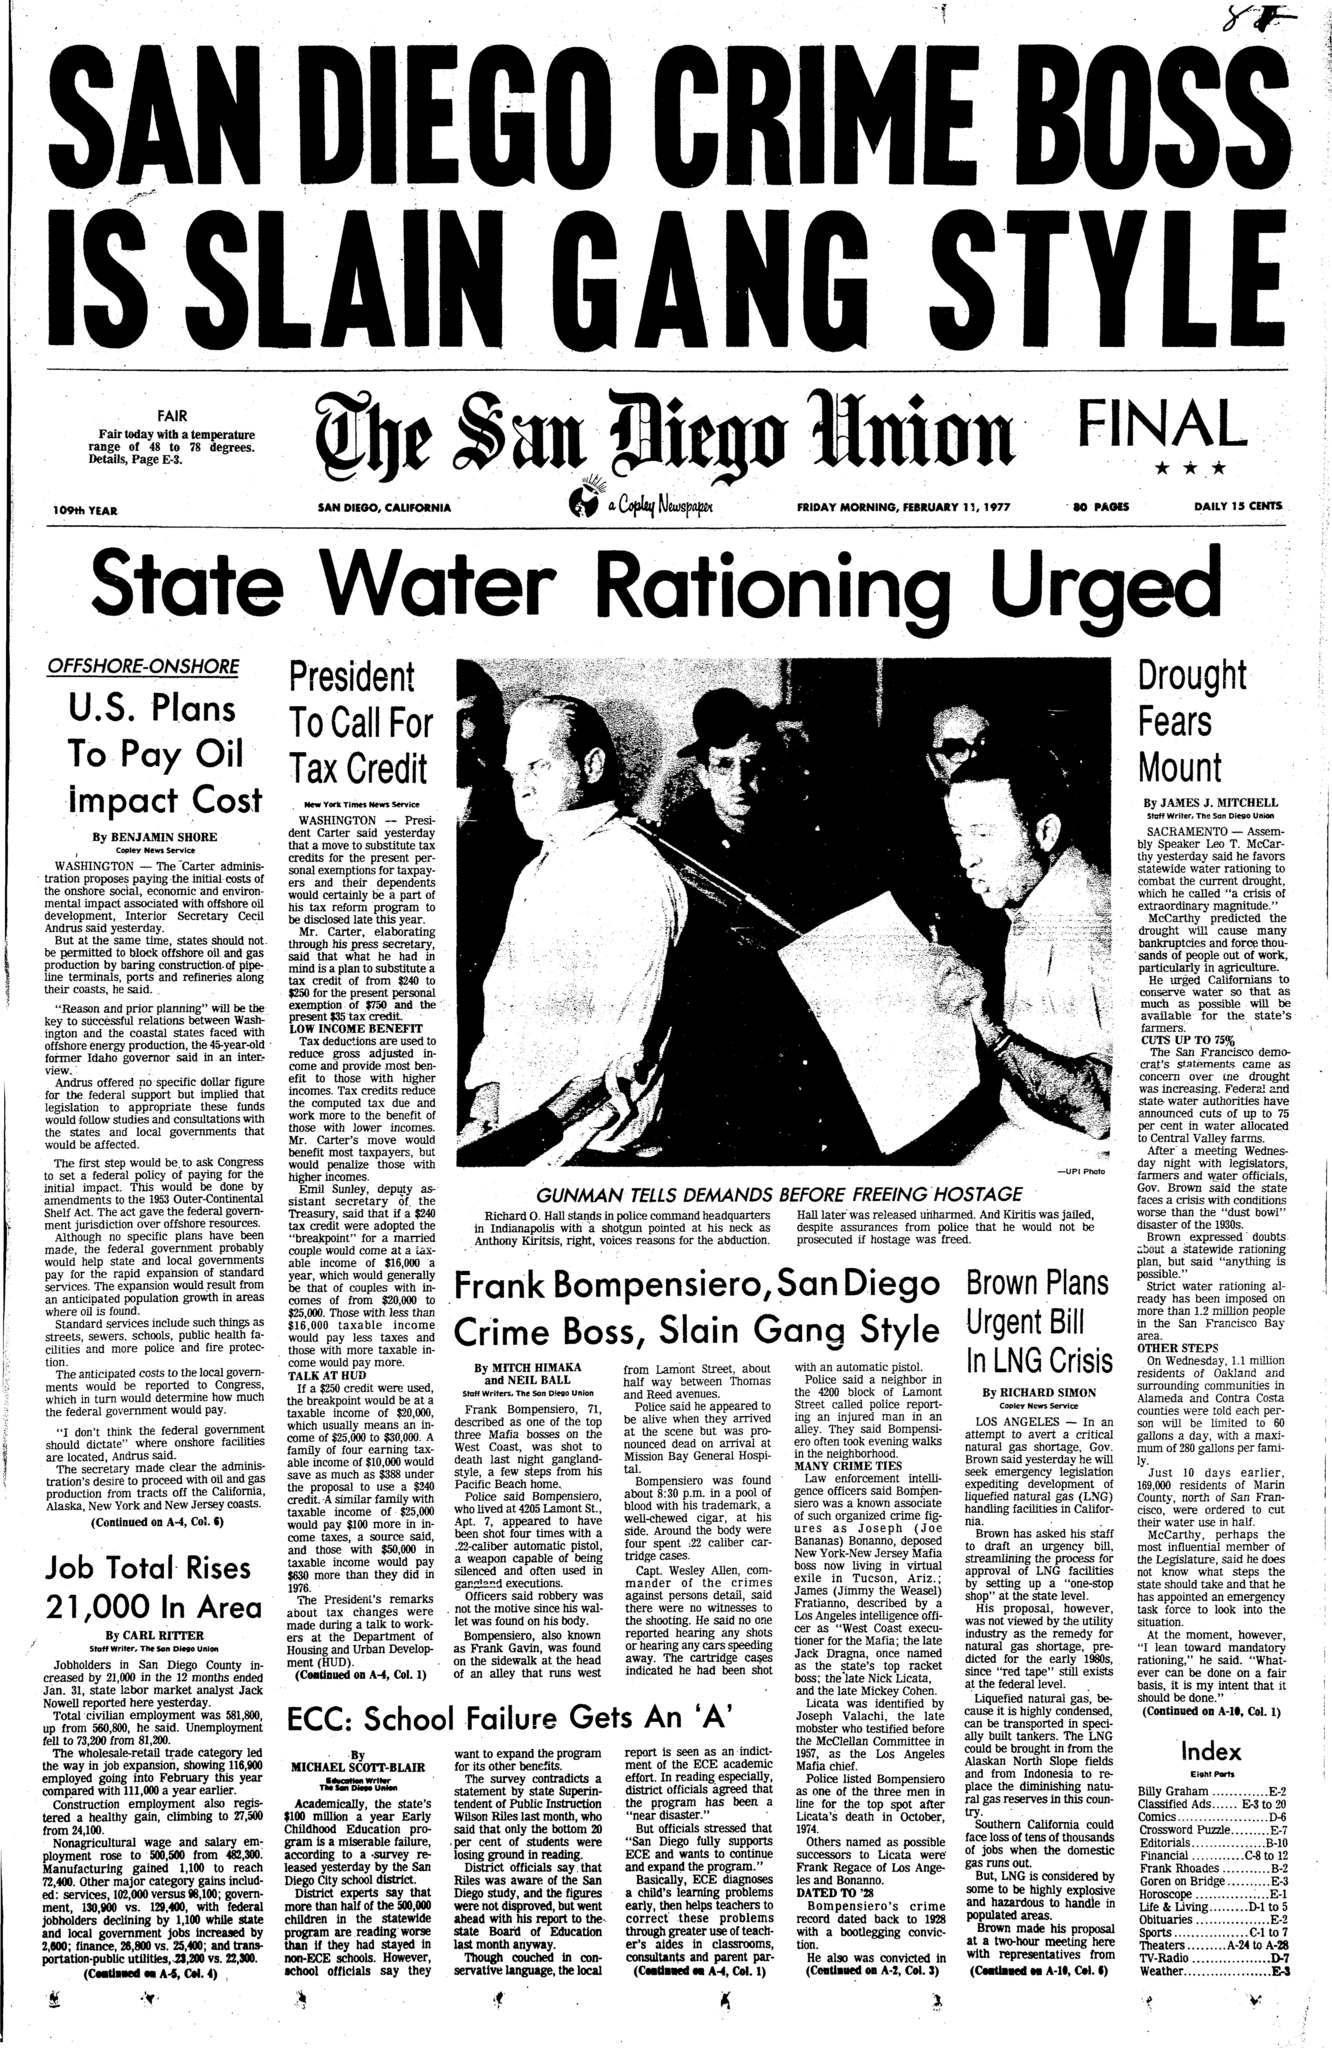 February 11, 1977